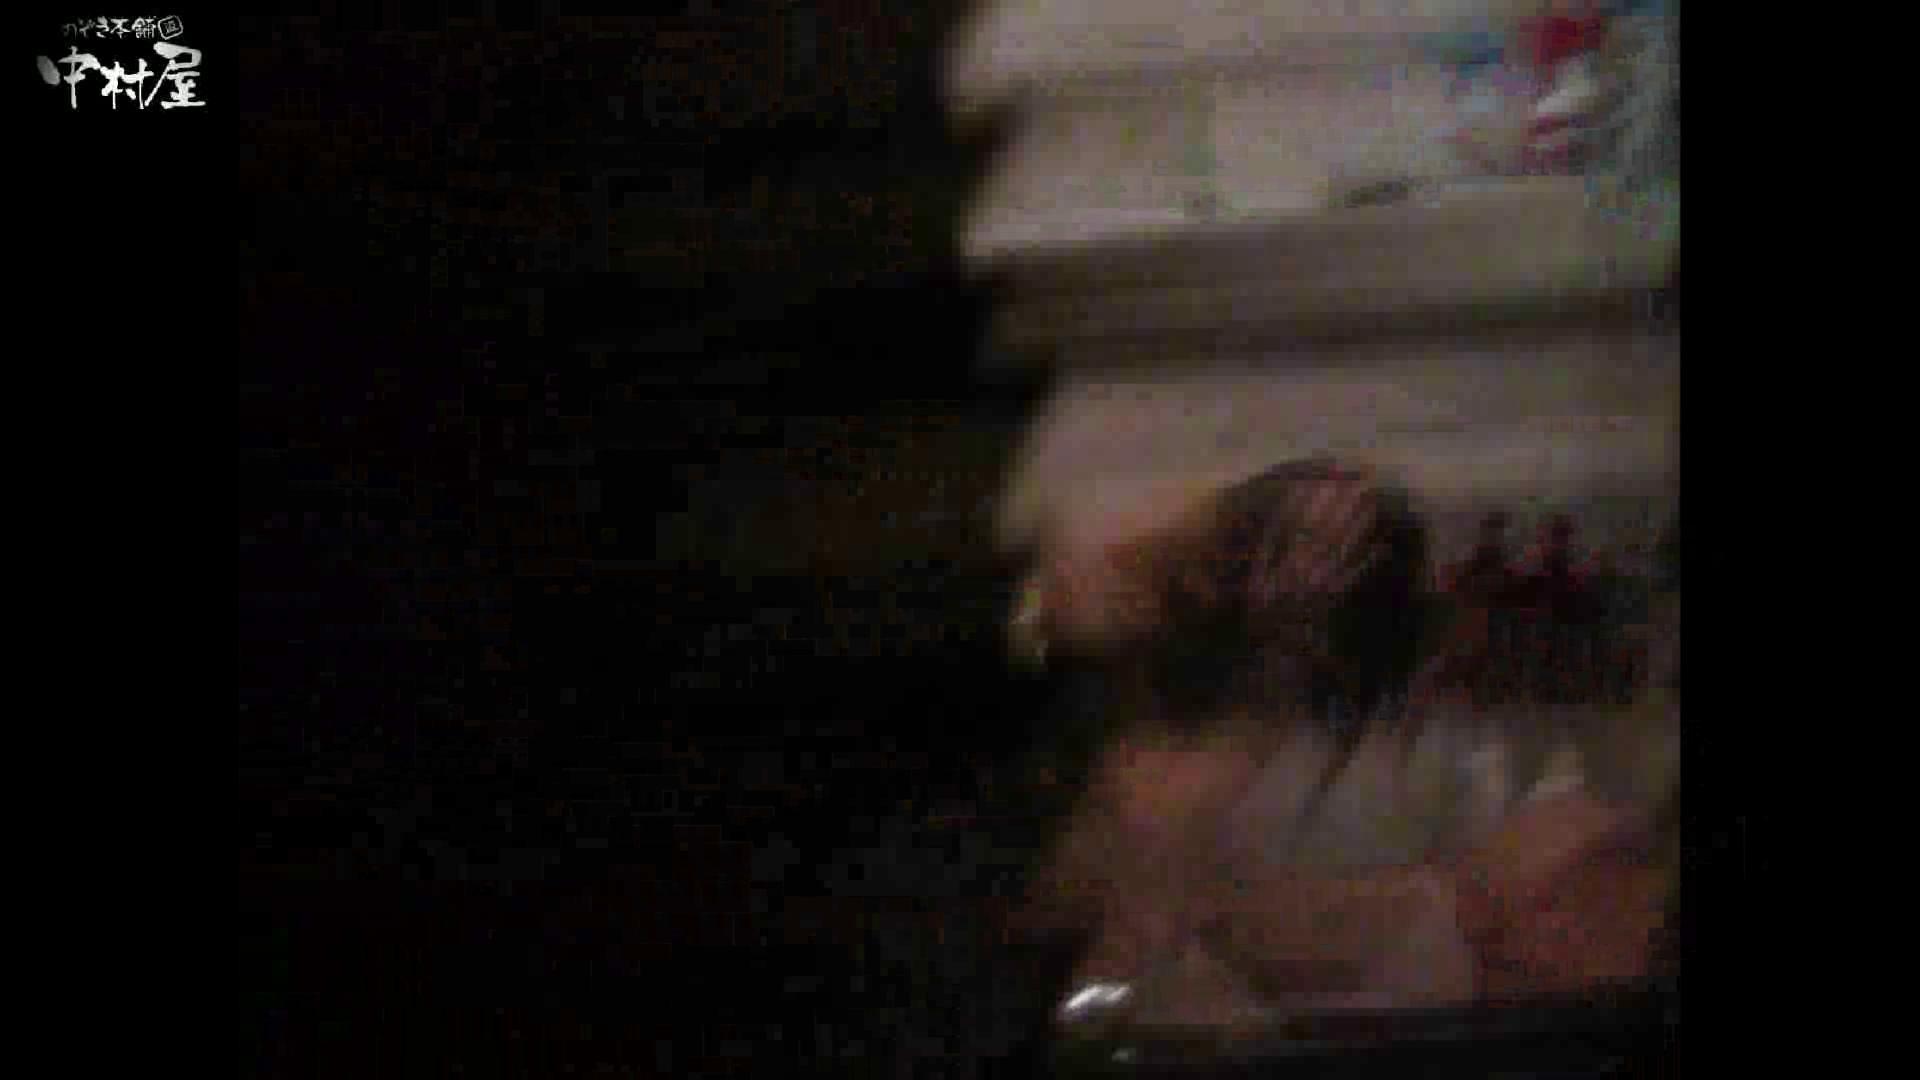 民家風呂専門盗撮師の超危険映像 vol.017 美女まとめ オマンコ無修正動画無料 110PIX 12